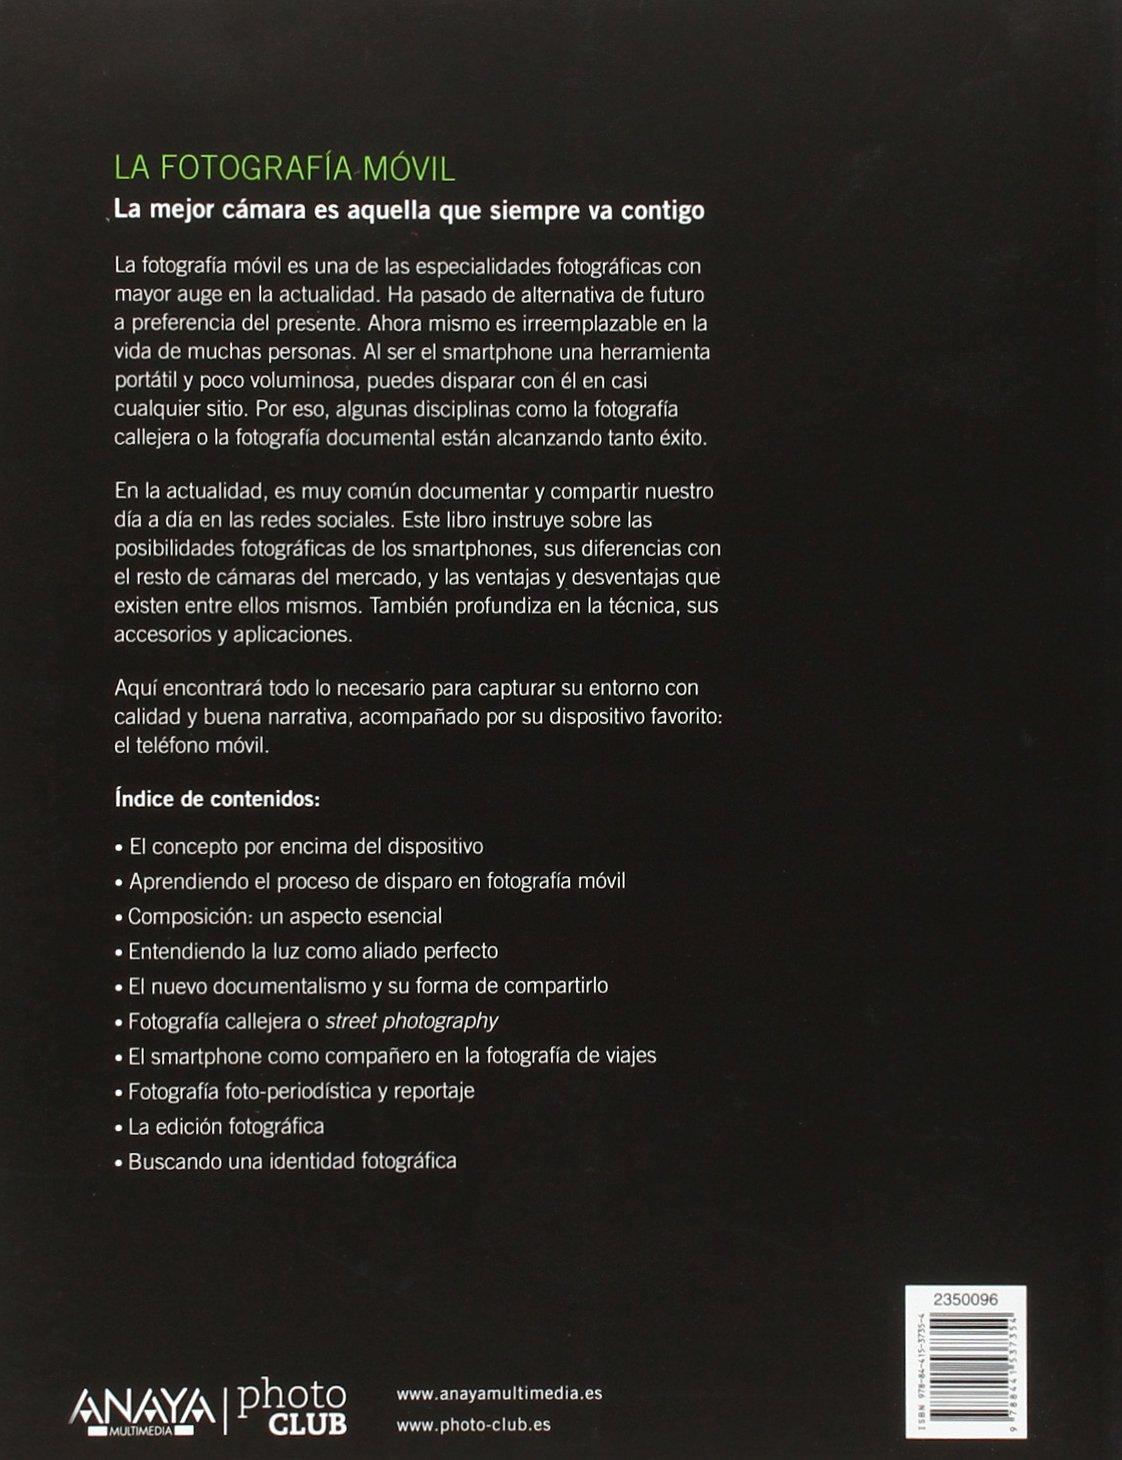 La fotografía móvil (Photoclub): Amazon.es: Rivas, Rodrigo: Libros